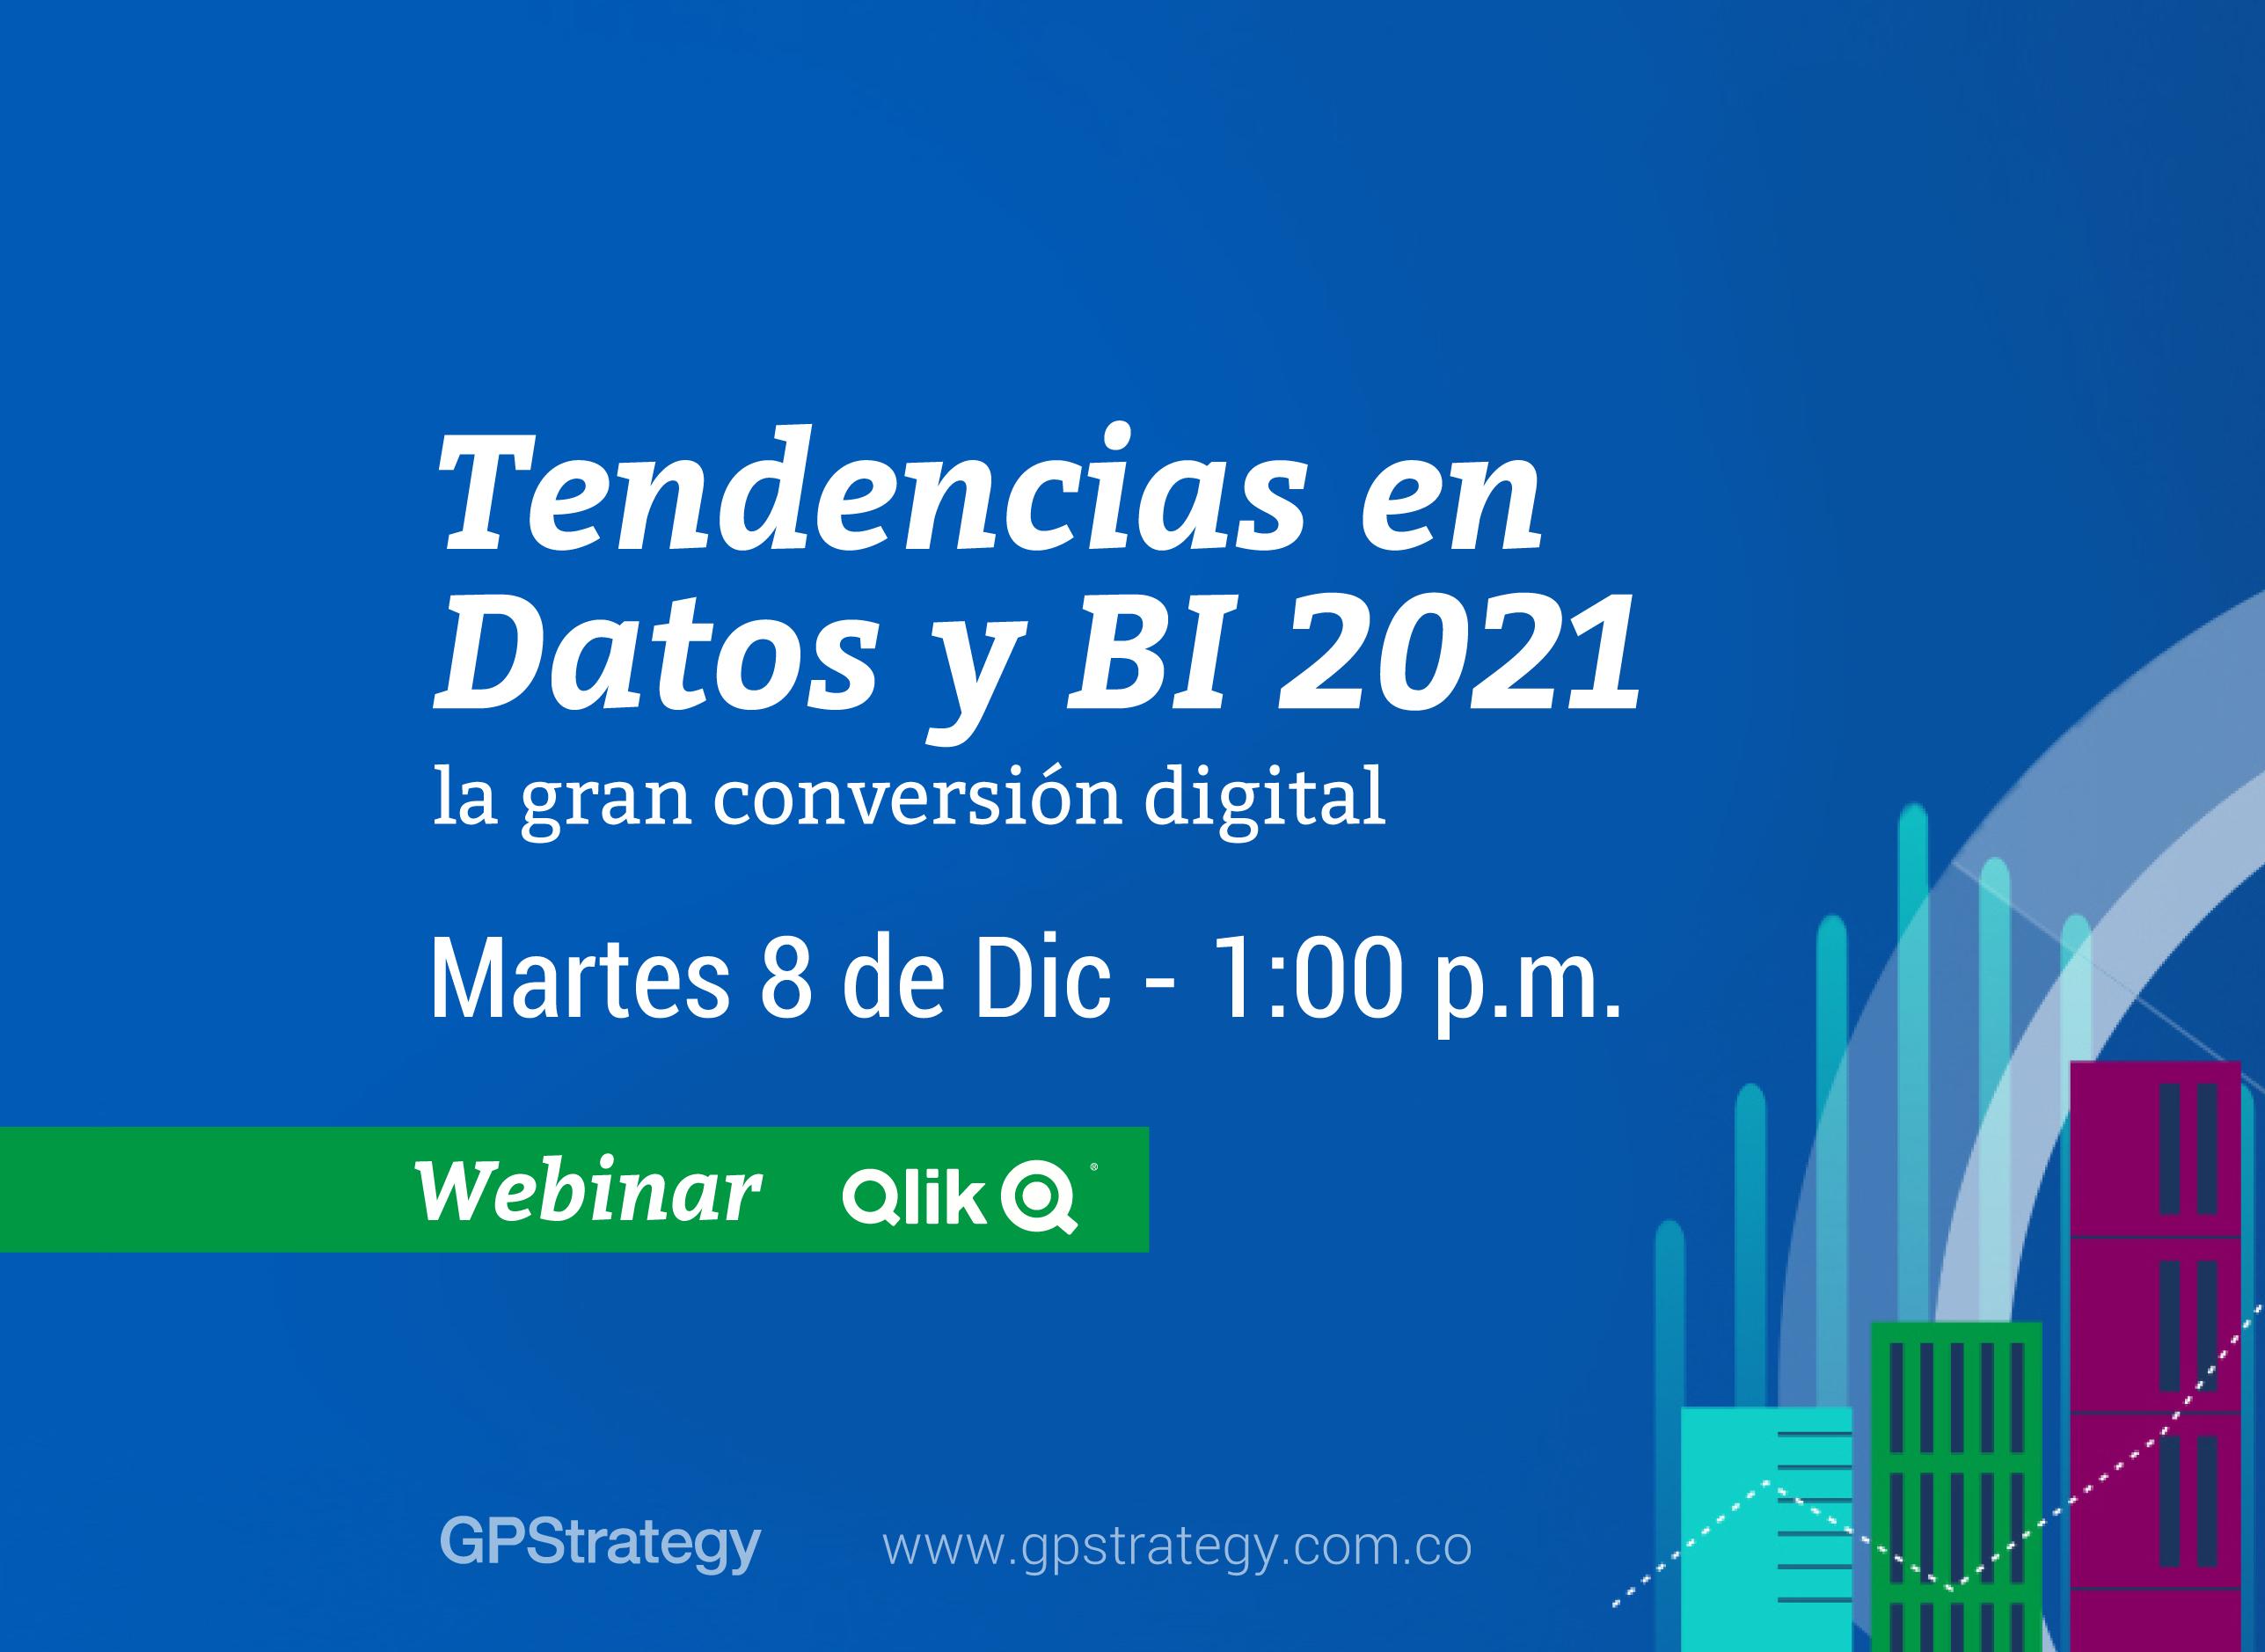 Tendencias en Datos y BI 2021